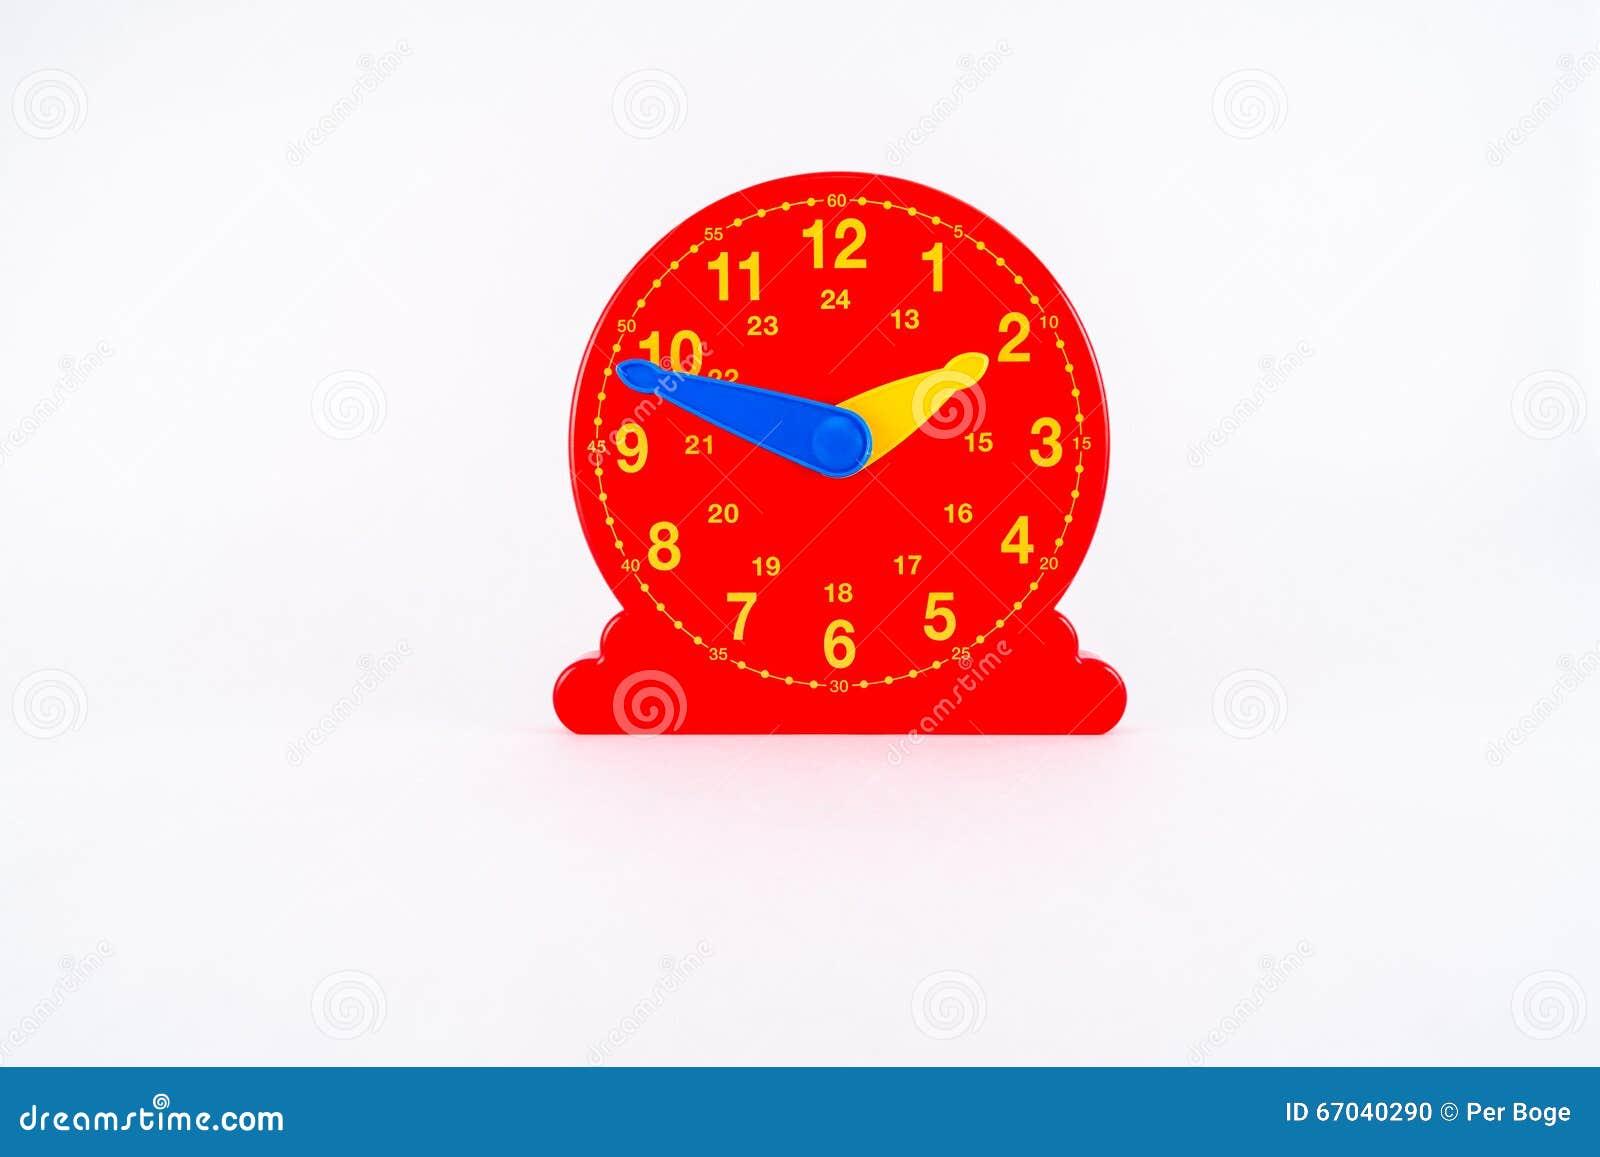 Juguete plástico rojo aislado del reloj por tiempo de aprendizaje